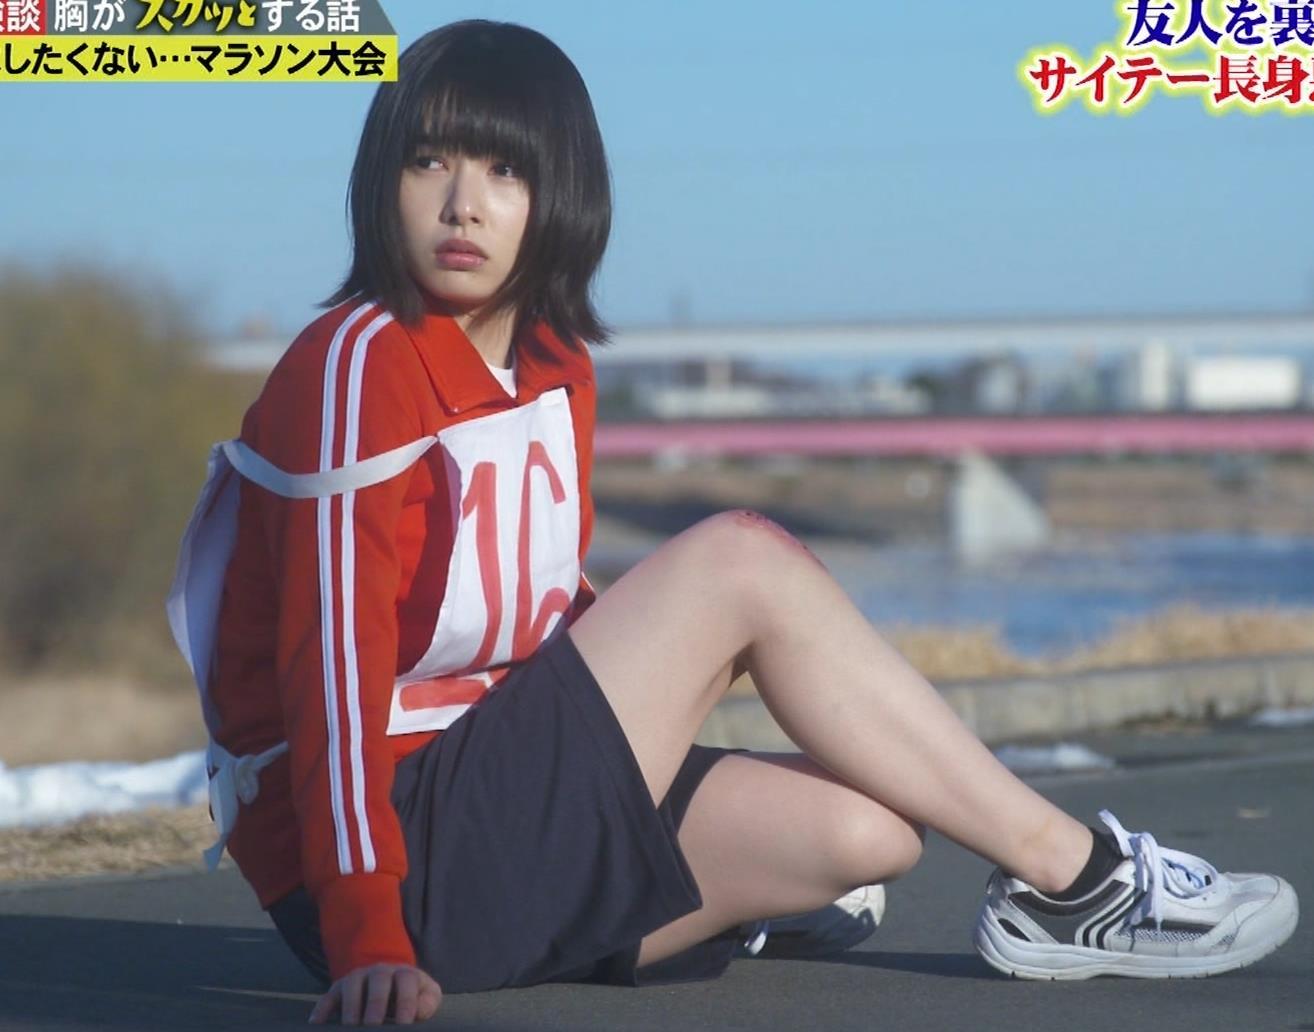 桜井日奈子 (女子高生役)体操服で脚露出キャプ・エロ画像14